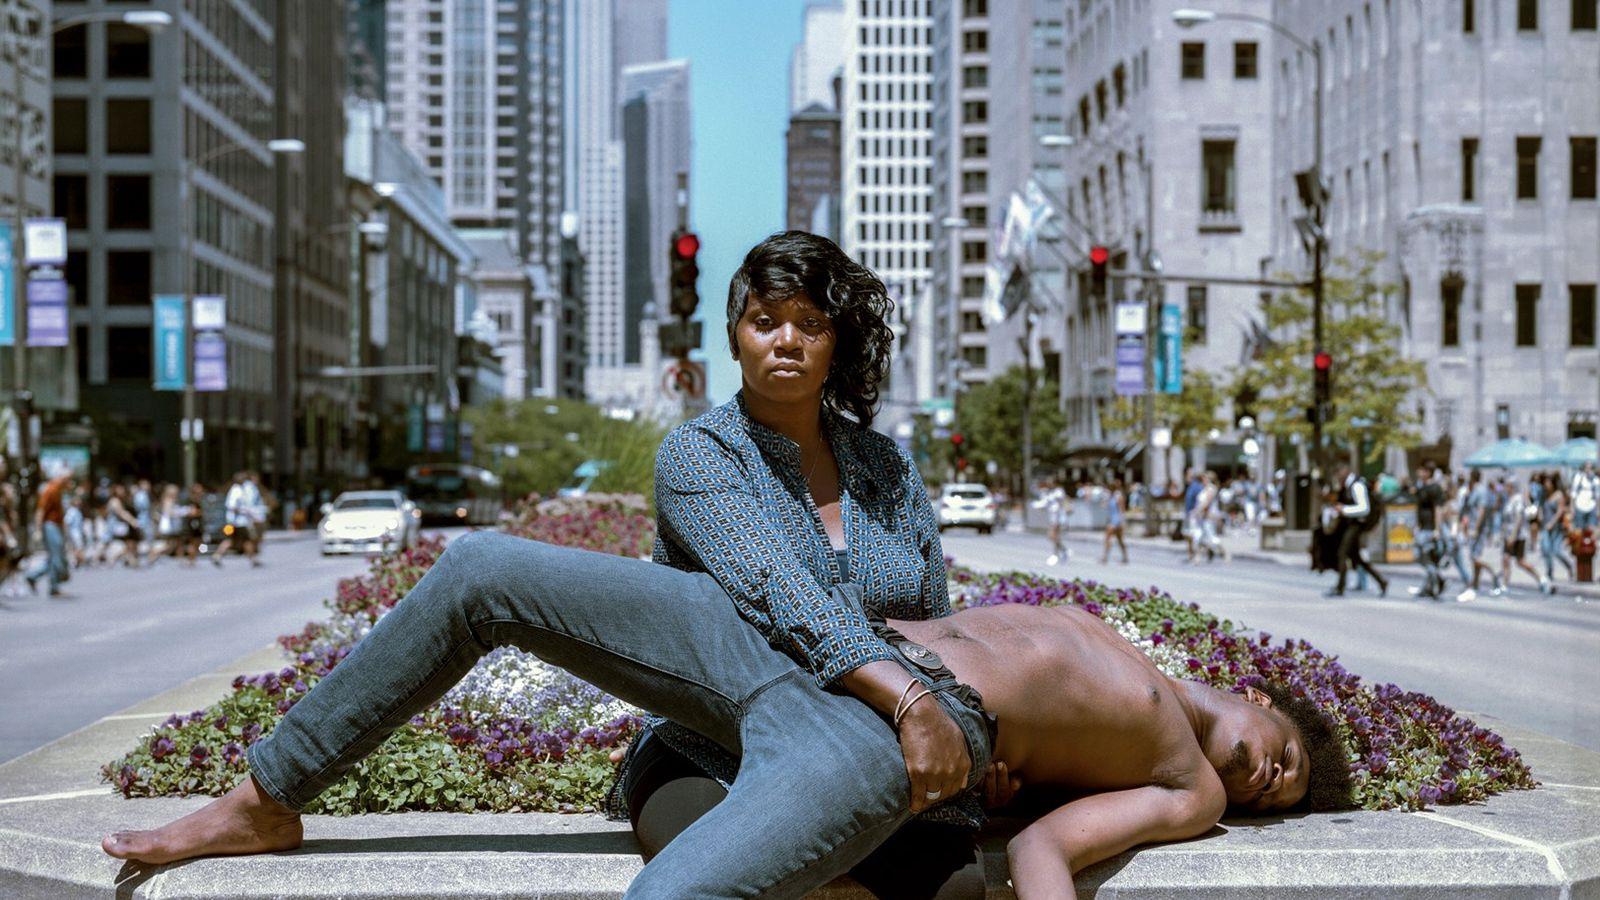 Magnificent Mile, Chicago, Illinois  L'artiste Jon Henry évoque la pietá dans son projet photographique « Stranger Fruit ». Henry ...